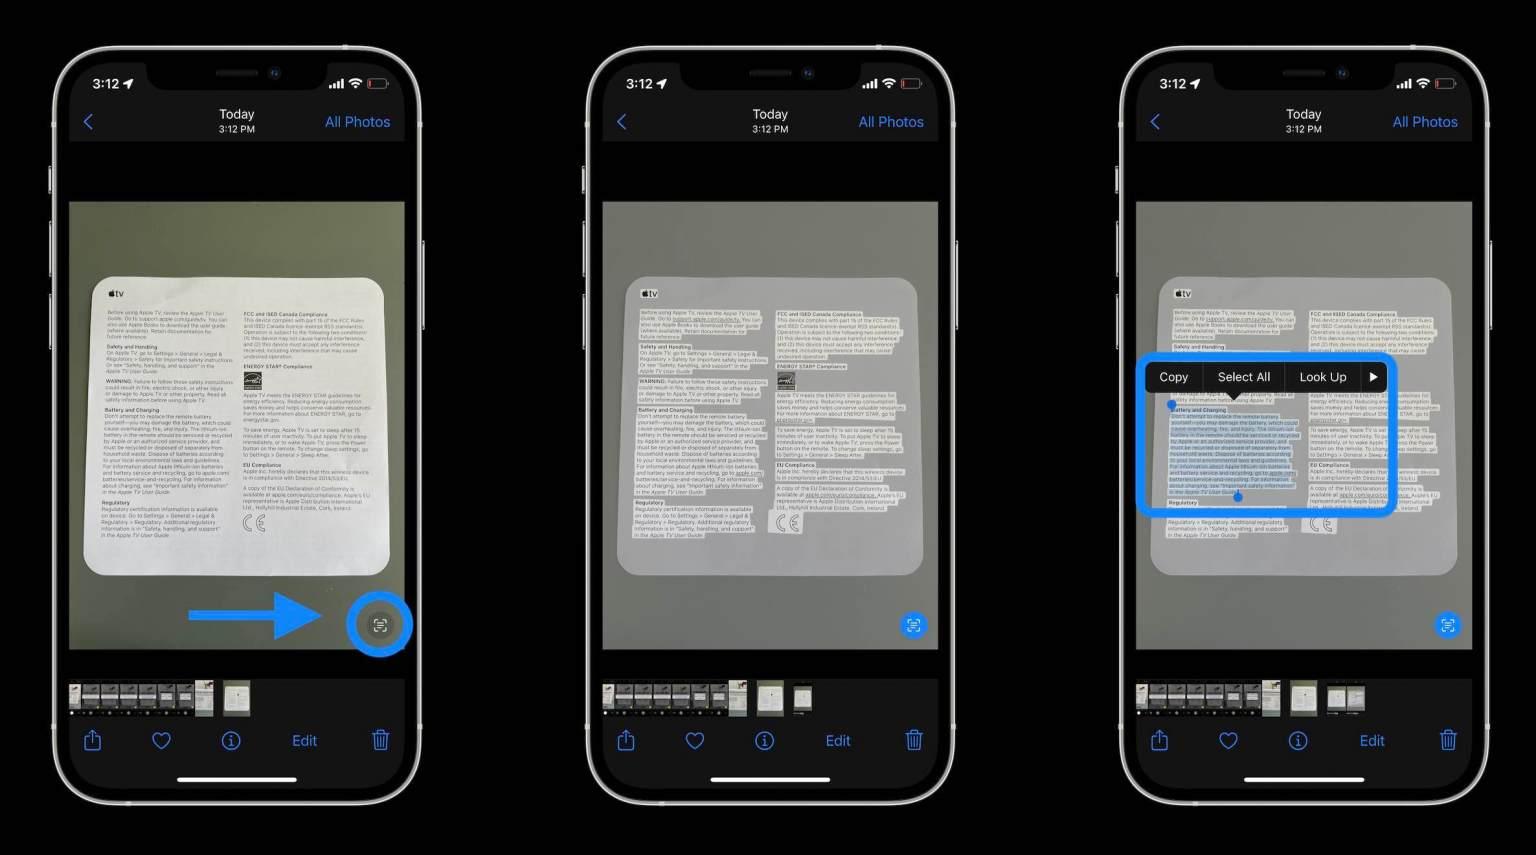 Как работает распознавание текста Live Text в iOS 15